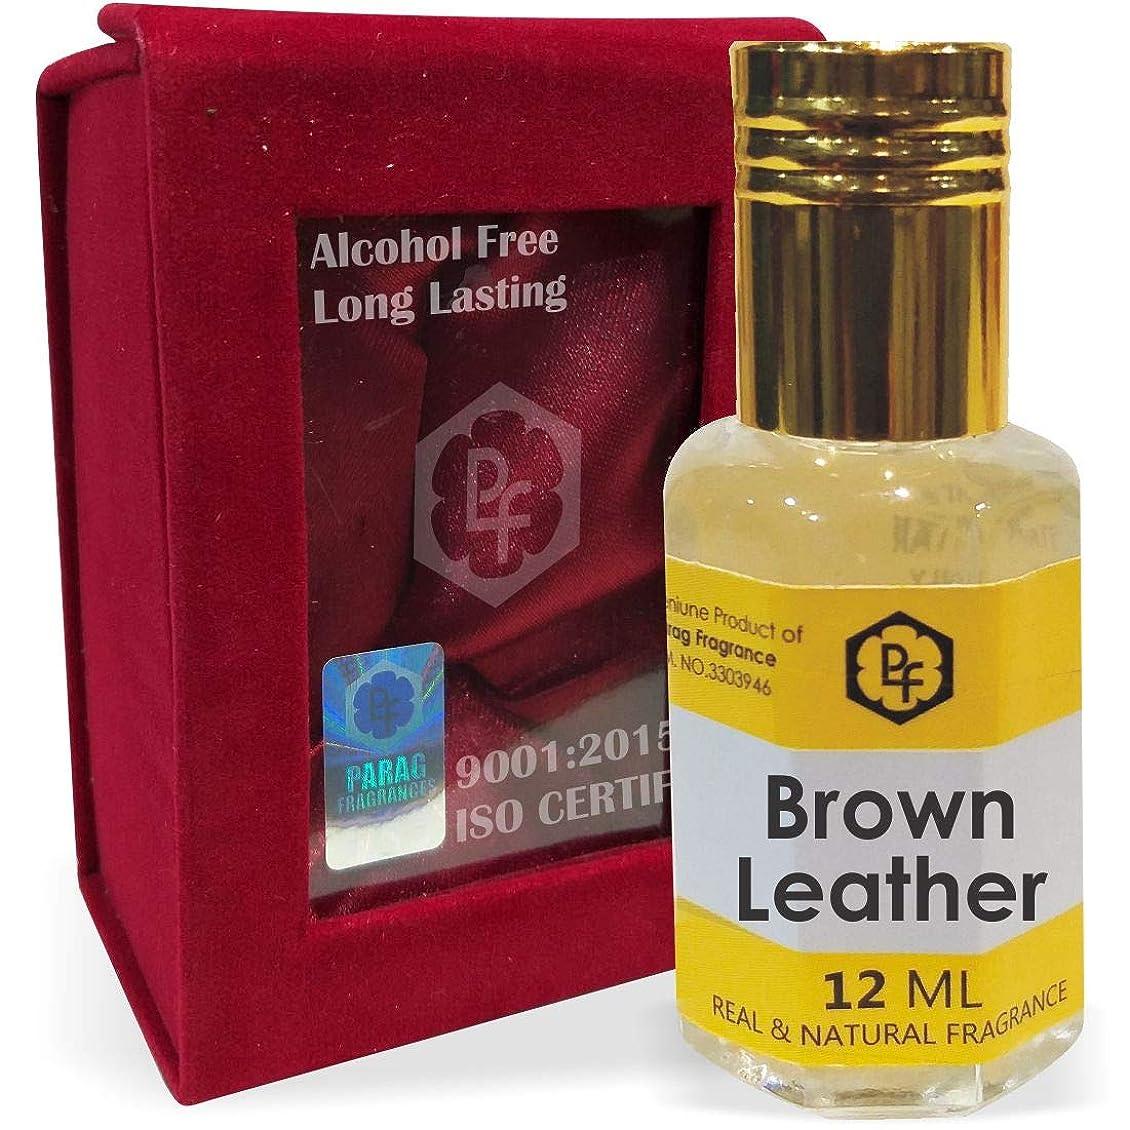 住むレーダーベスビオ山Paragフレグランスブラウン手作りのベルベットボックスレザー12ミリリットルアター/香水(インドの伝統的なBhapka処理方法により、インド製)オイル/フレグランスオイル|長持ちアターITRA最高の品質